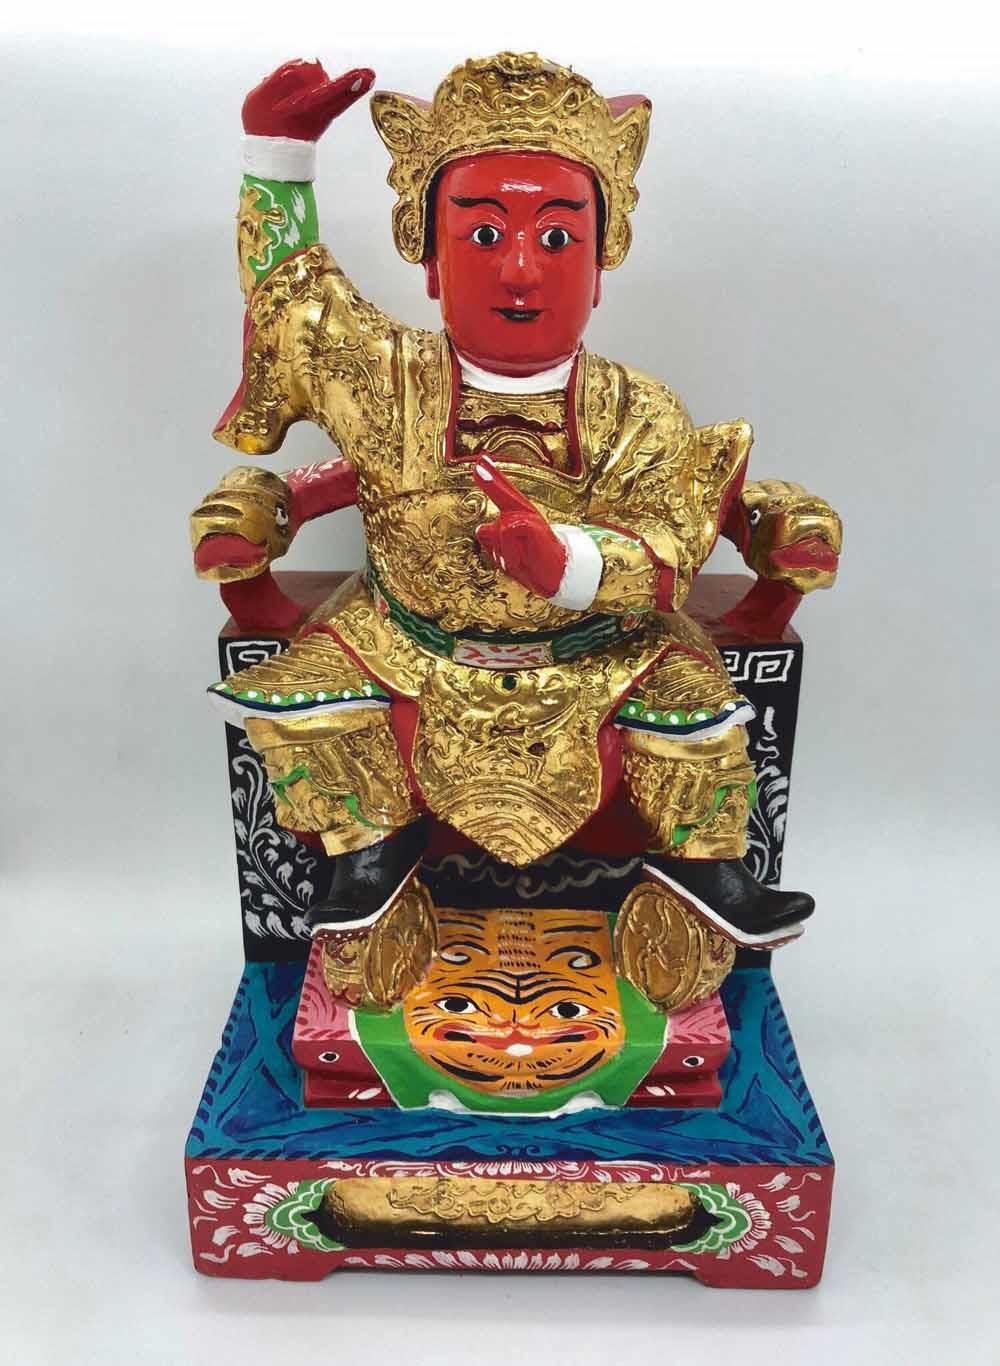 v.l.n.r. Tian Du Yuan Shuai, Guan Yin, Guan Gong (God van de oorlog), Xuan Wu (Donkere Krijger), Ne Zha (Derde Prins)